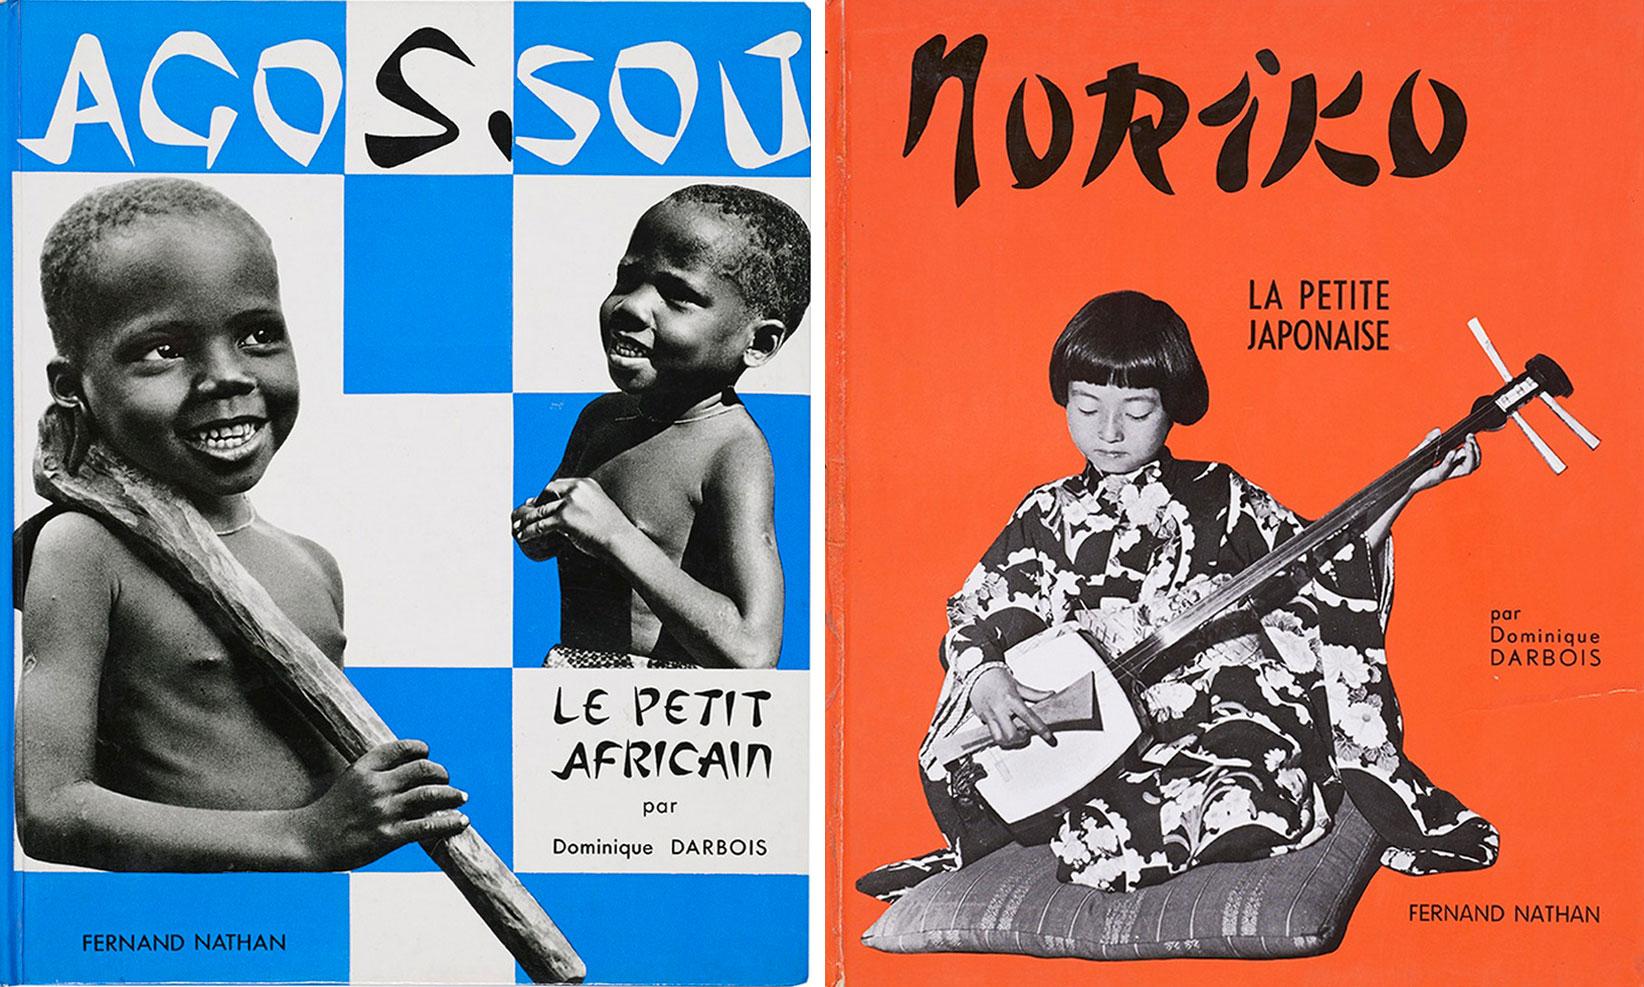 dominique-darbois-livre-collection-enfants-du-monde-graphisme-agossu-moriko